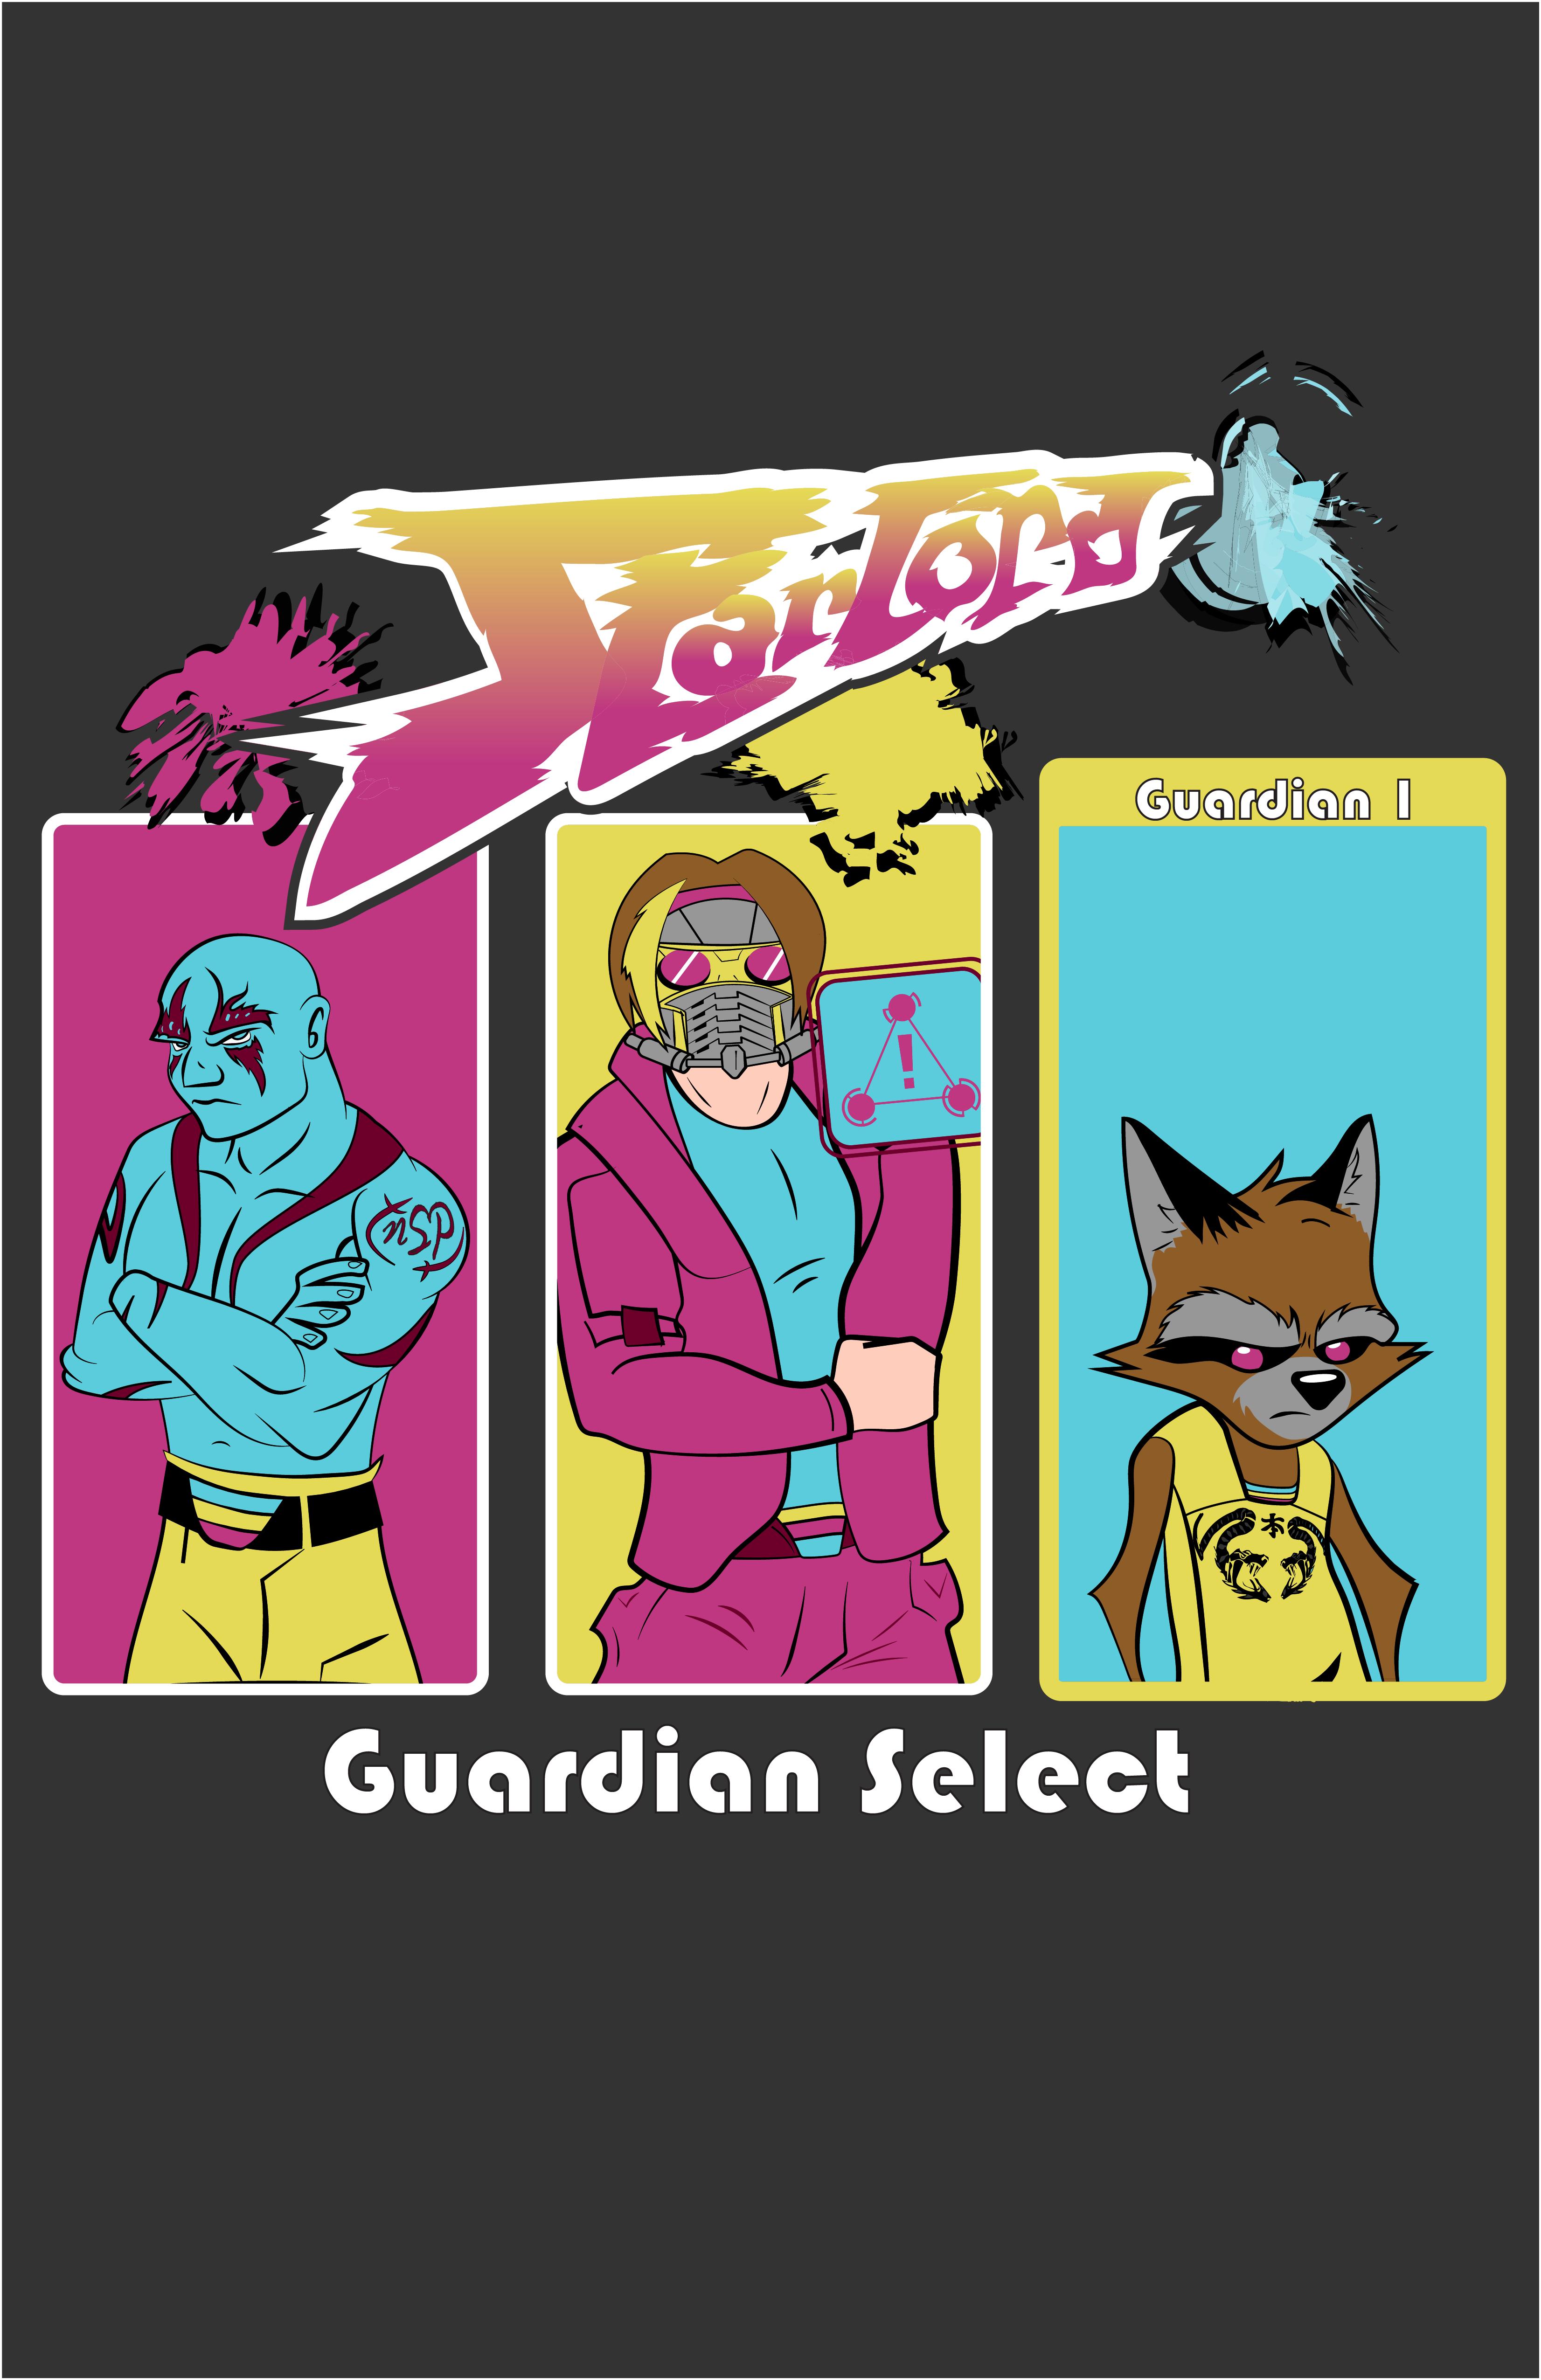 Guardian Select